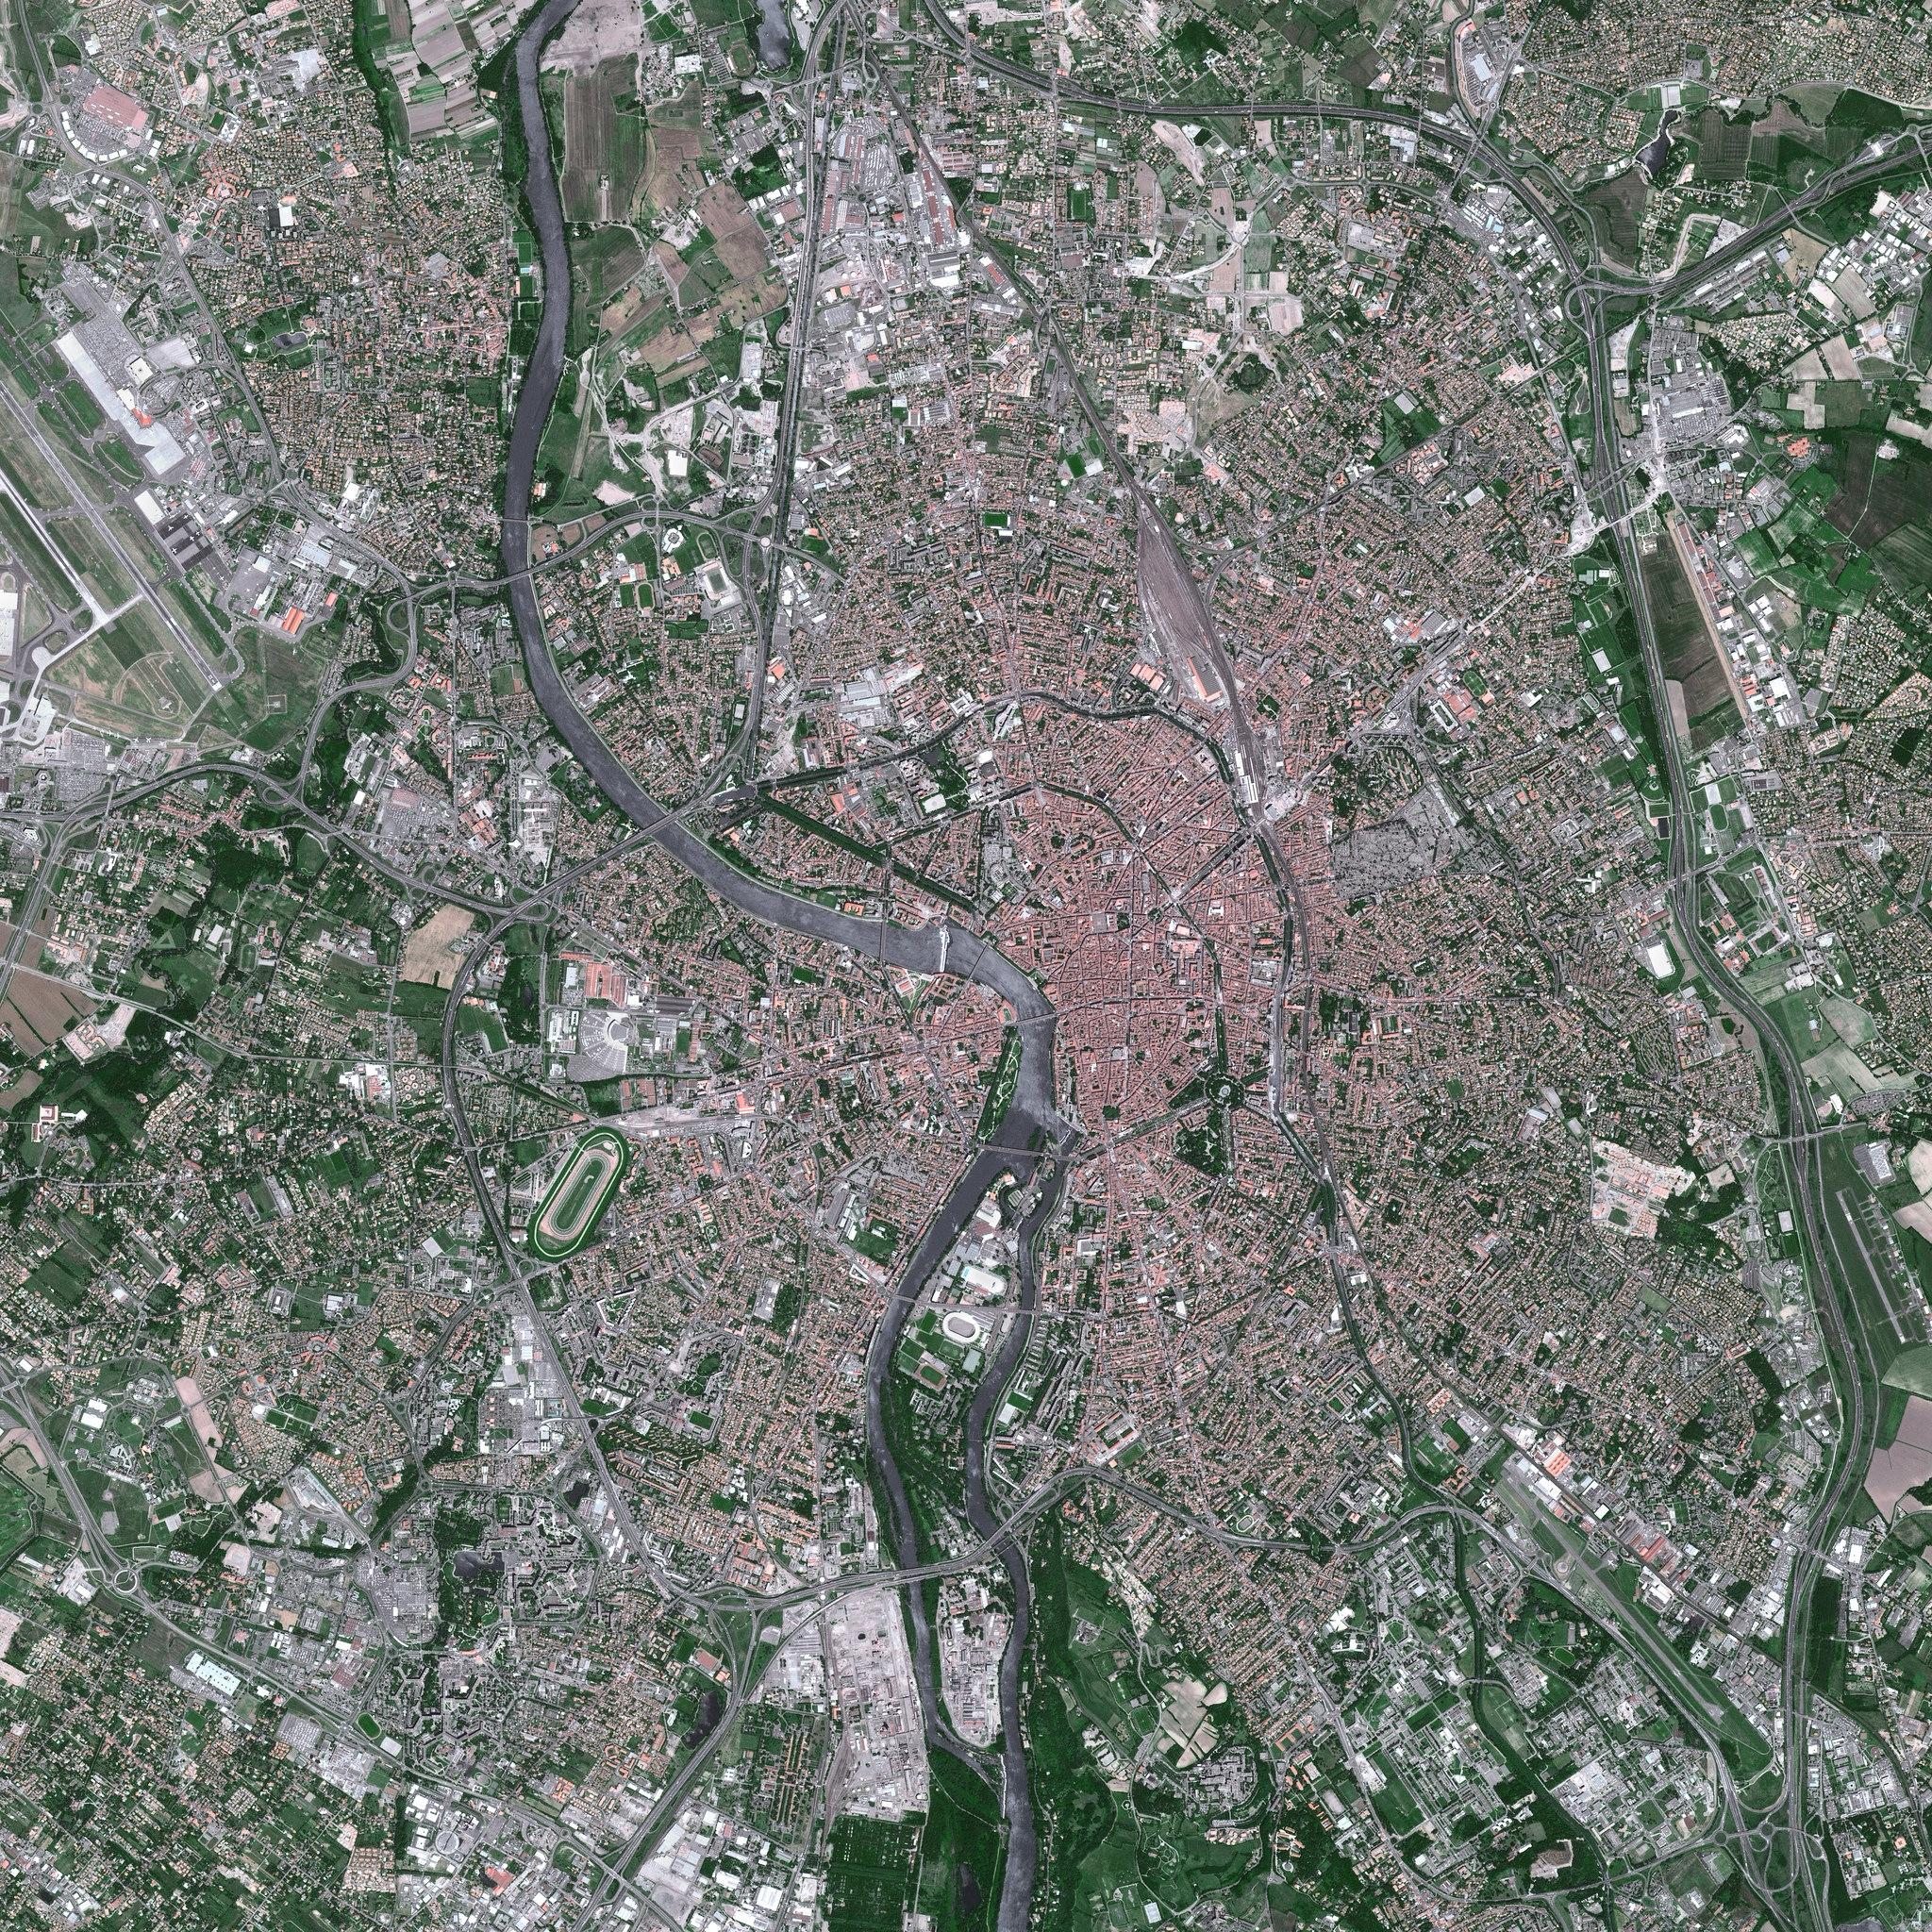 toulouse_20020617-spot5_10km.jpg